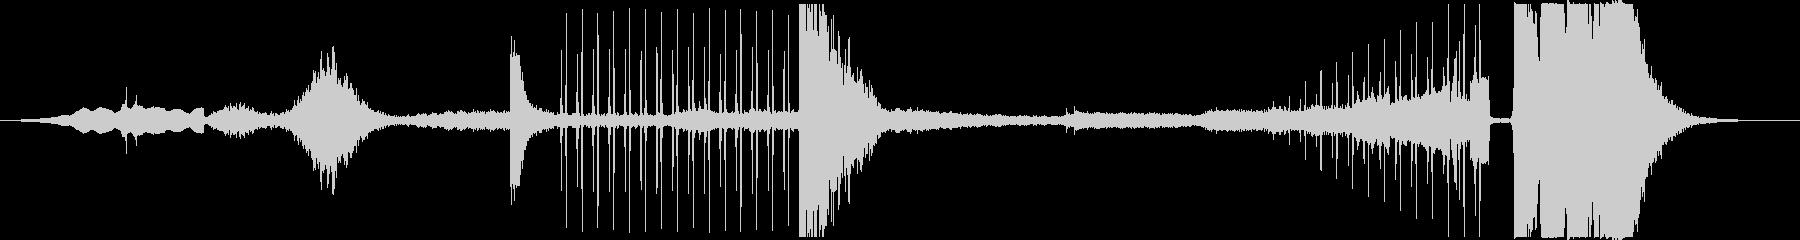 アンビエントミュージック 神経質 ...の未再生の波形